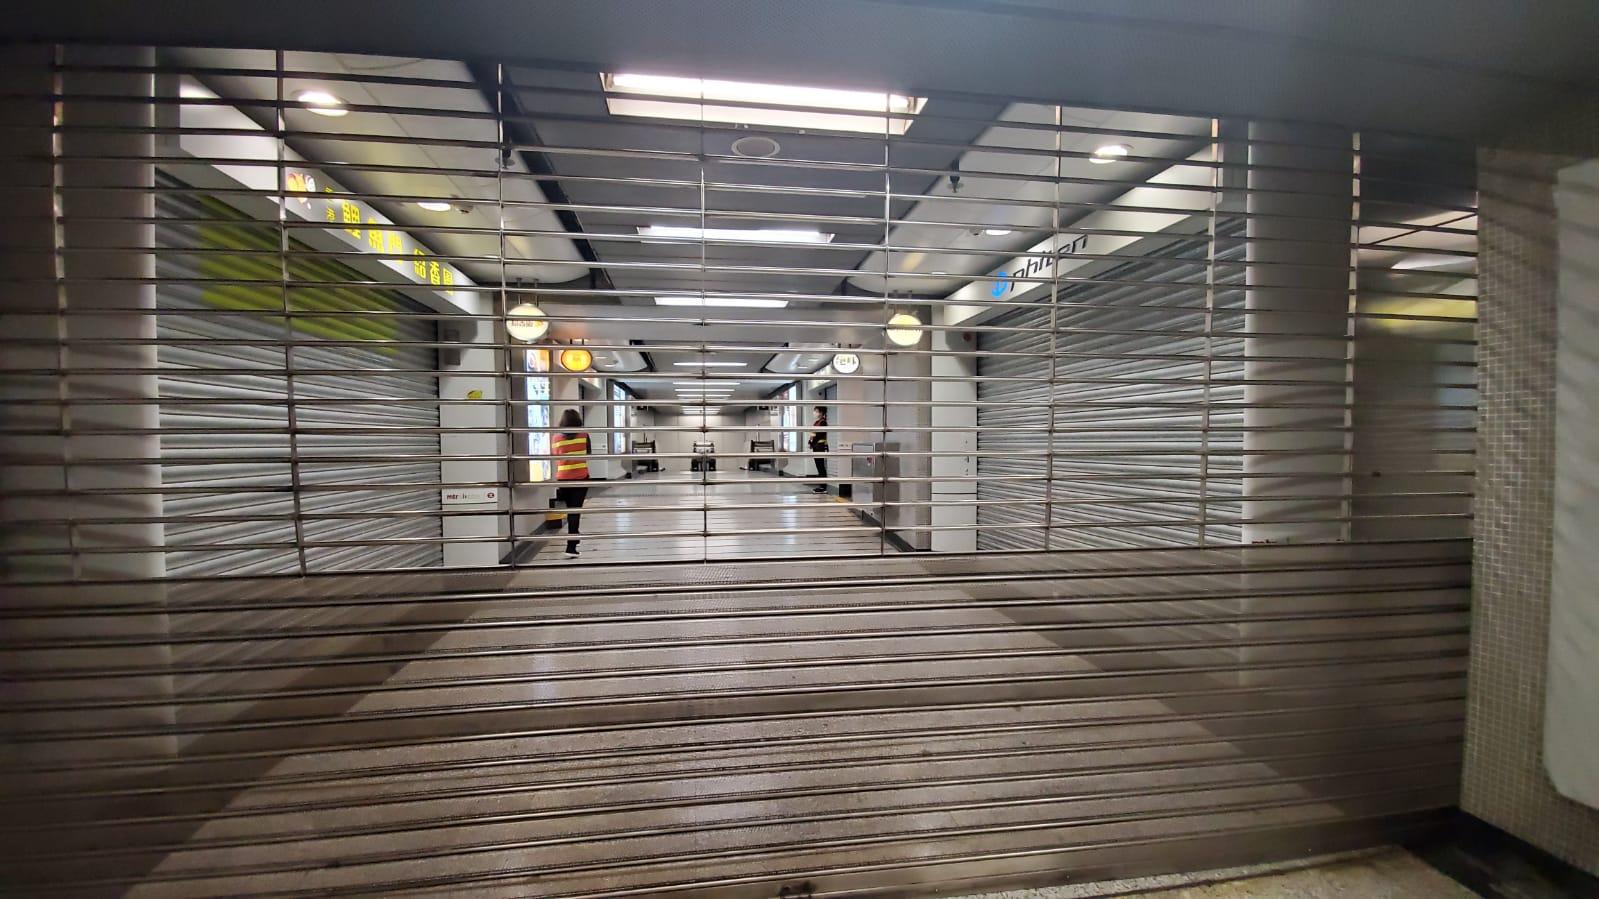 【大三罢】东铁粉岭站至罗湖落马洲停驶 旺角等12站晚上9时关闭